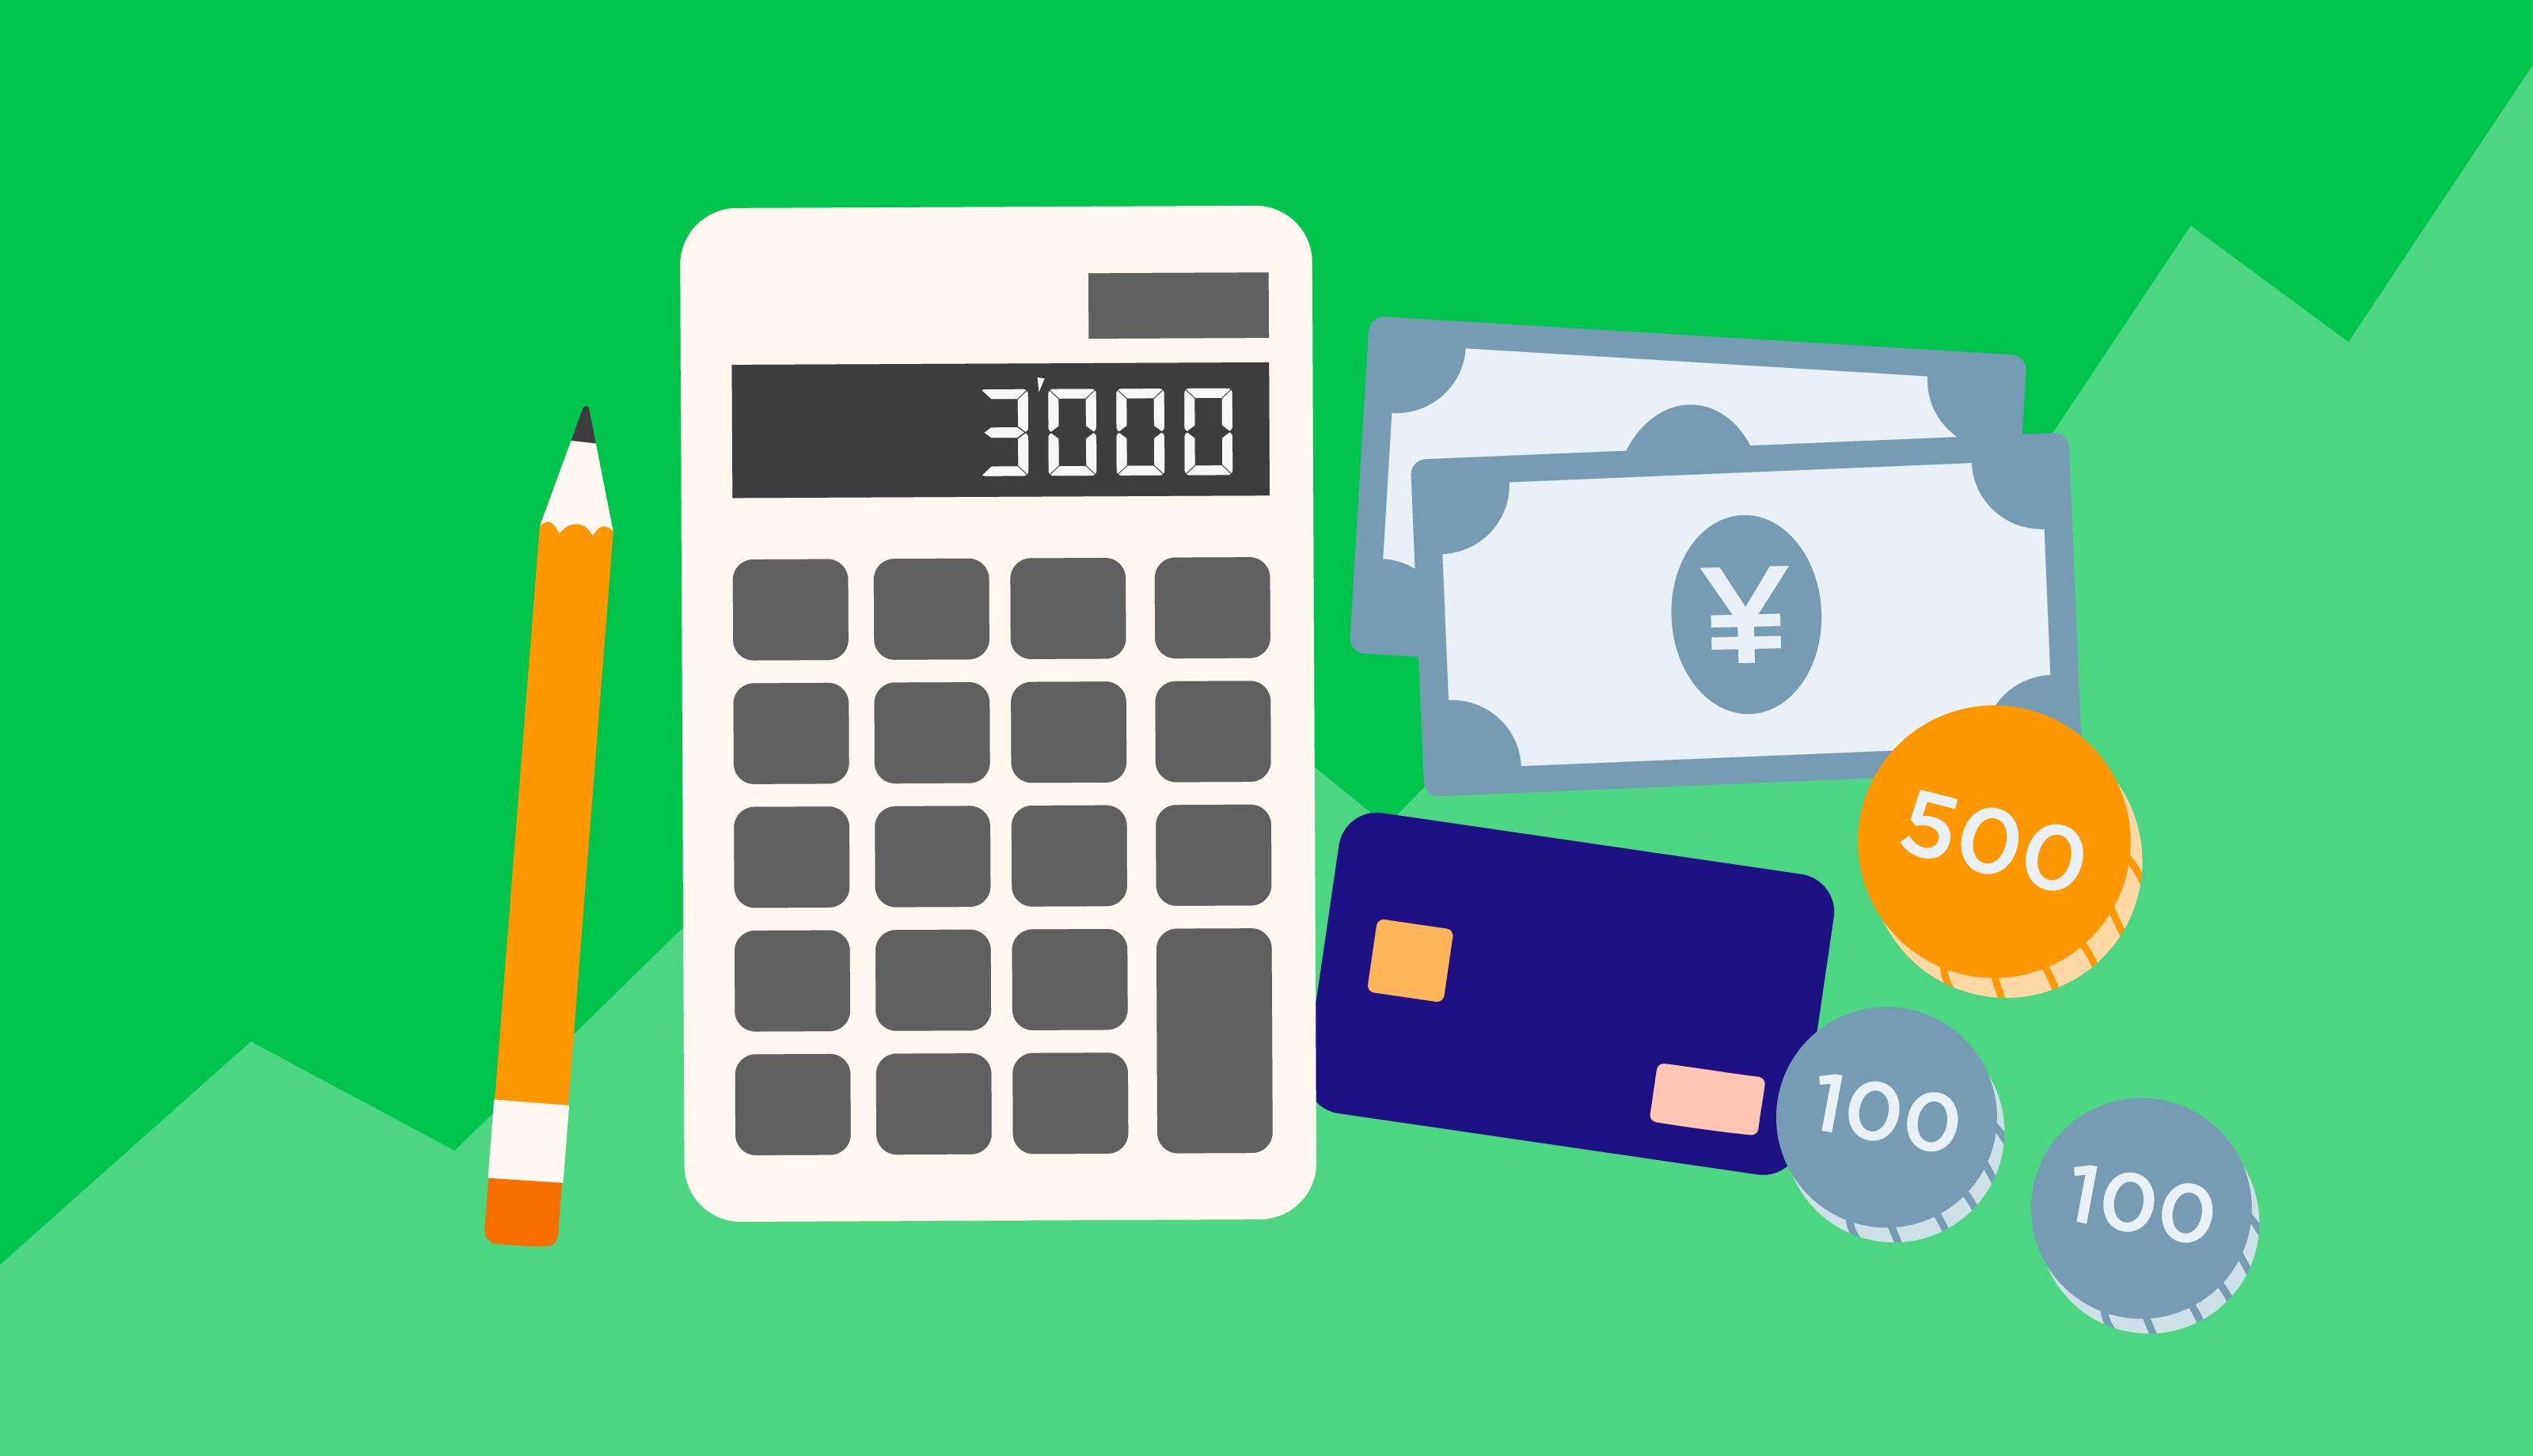 増税前よりお得!キャッシュレス決済で平均4000円増の家計を改善。